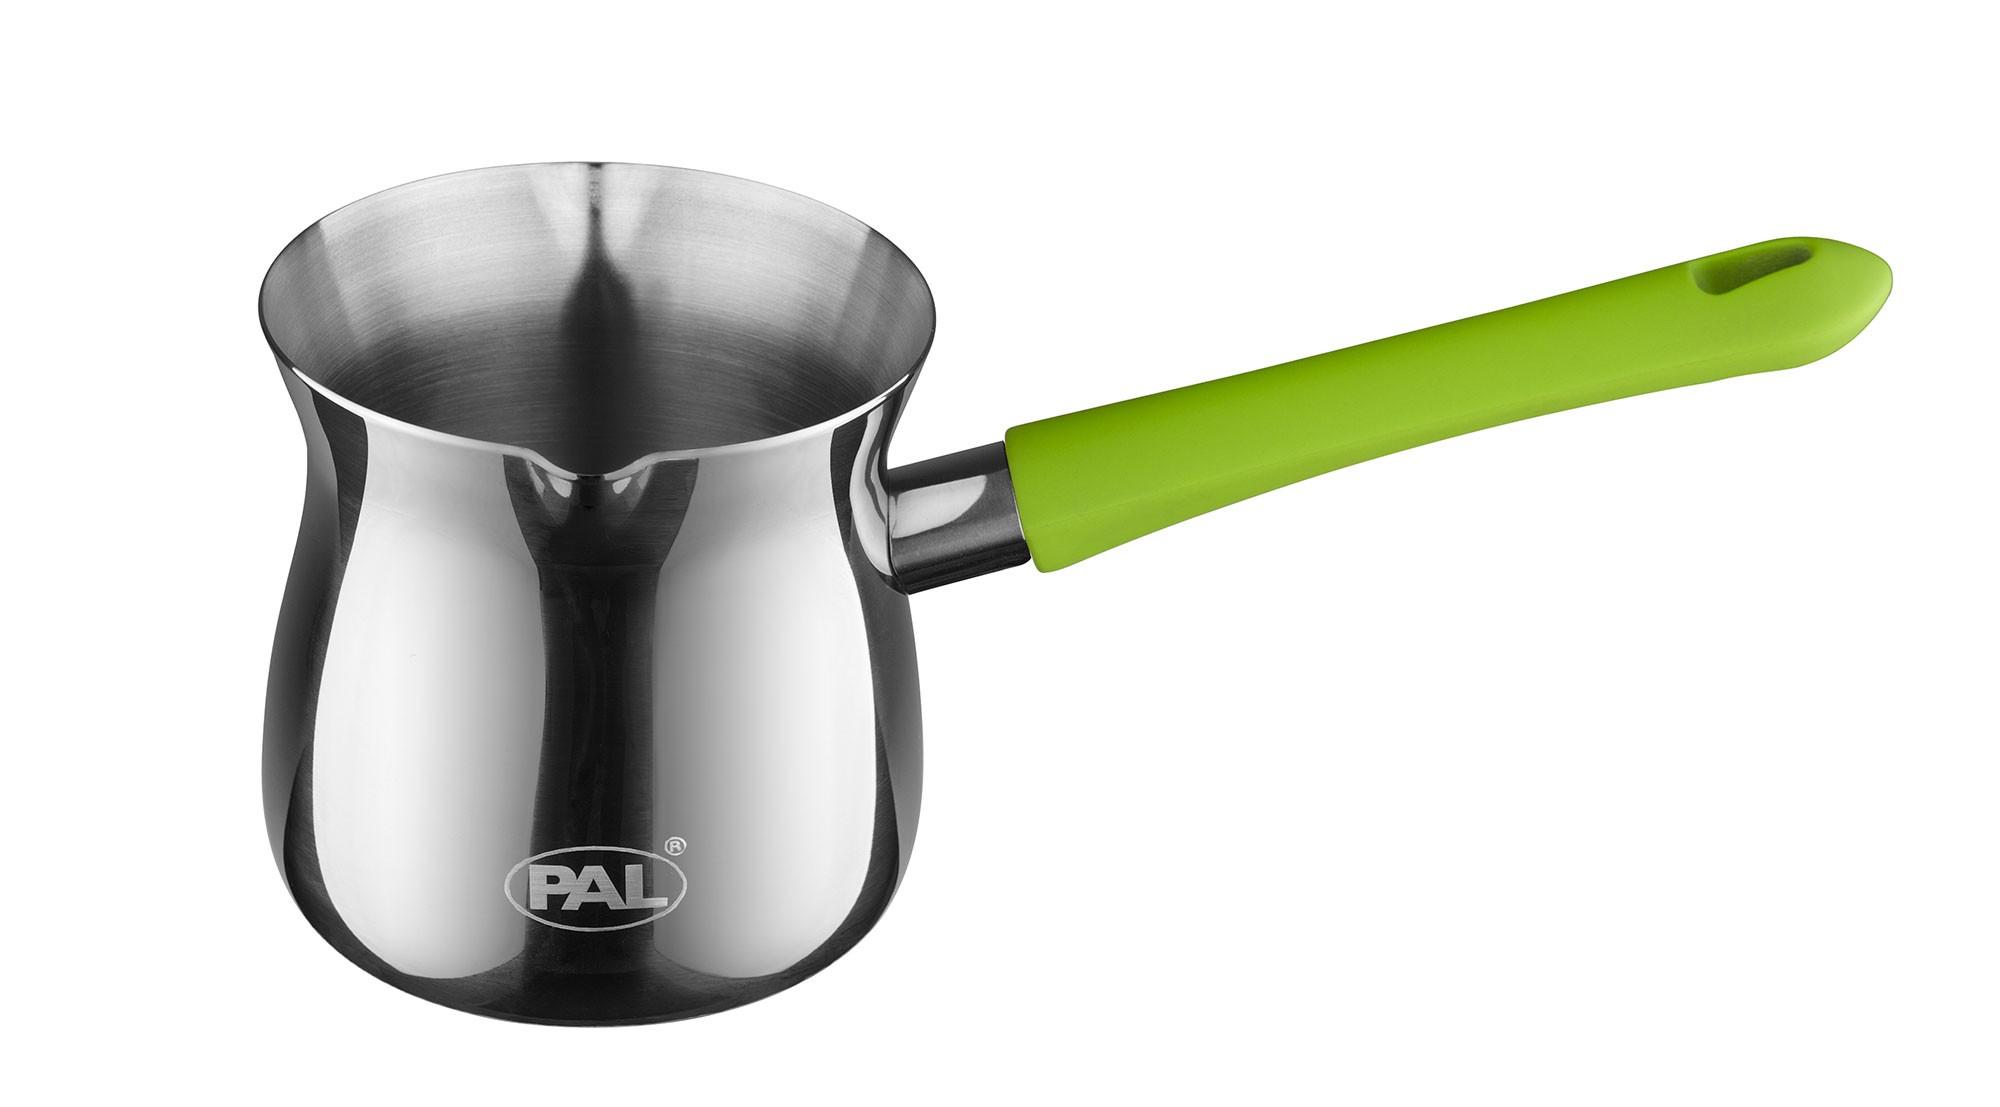 Μπρίκι Ανoξείδωτο PAL Titanium 18/8 No8 250 ml PAL Colors 50000501 Πράσινο